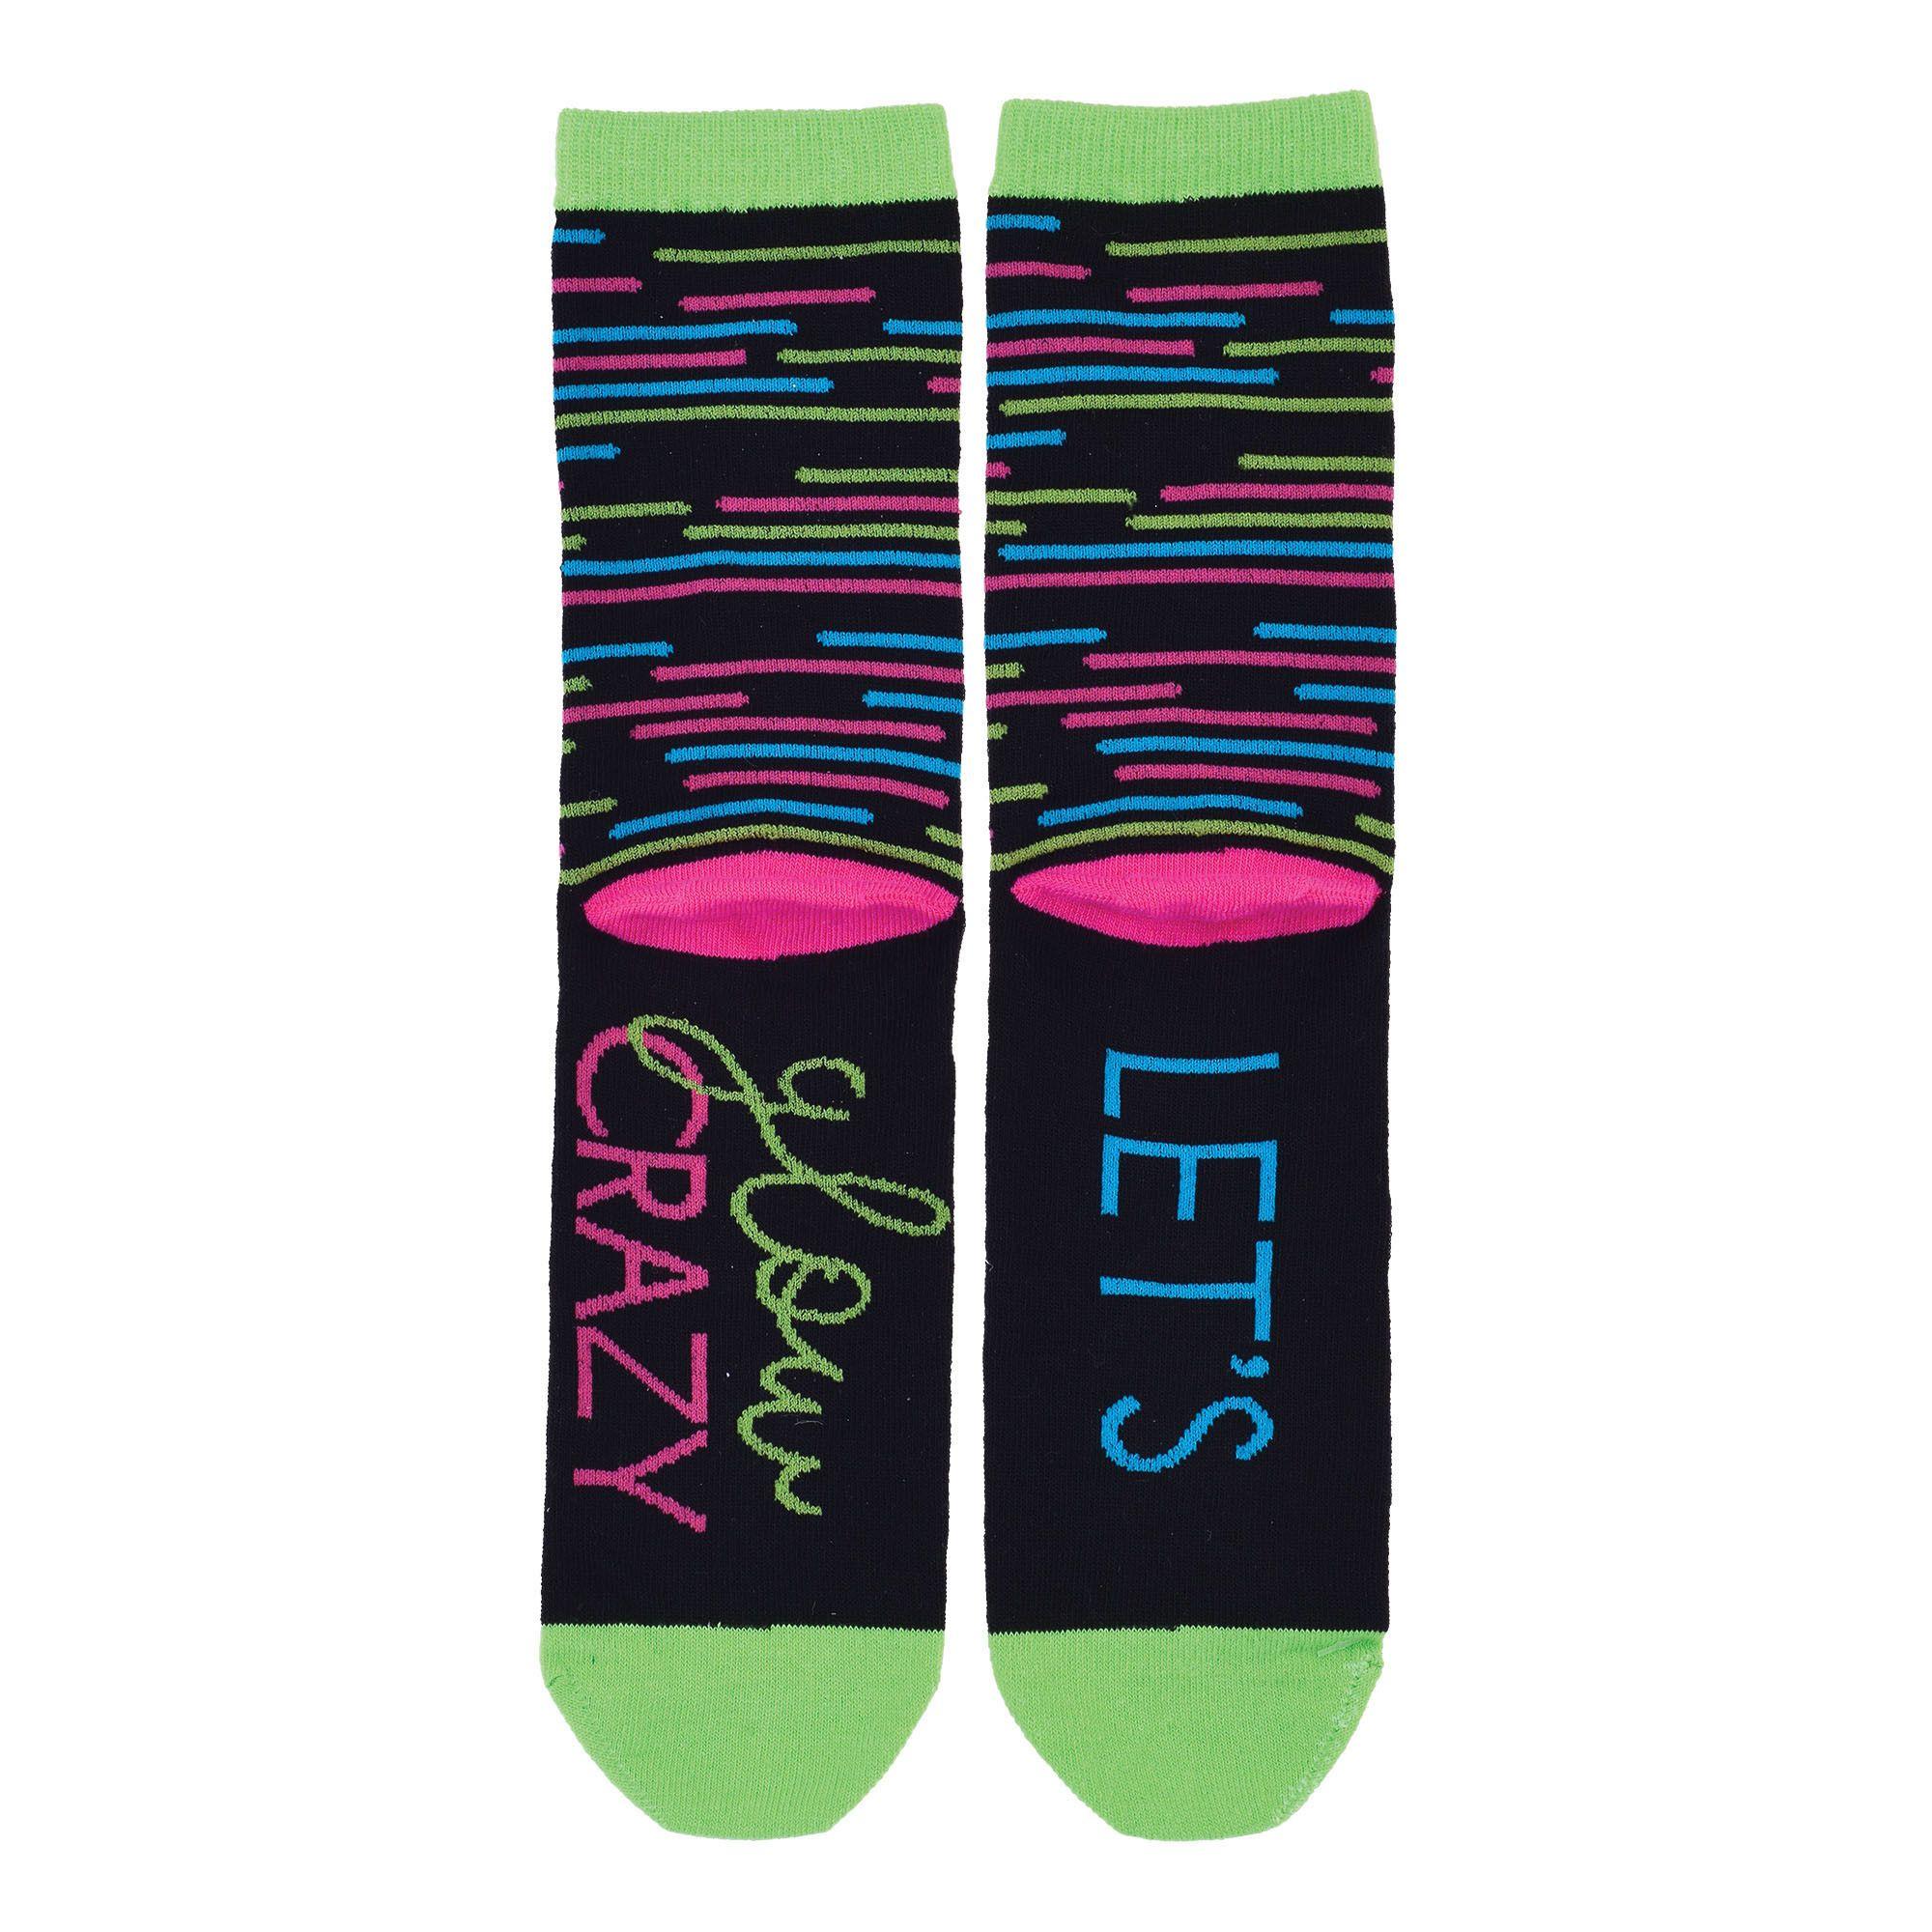 Let's Glow Crazy Crew Socks